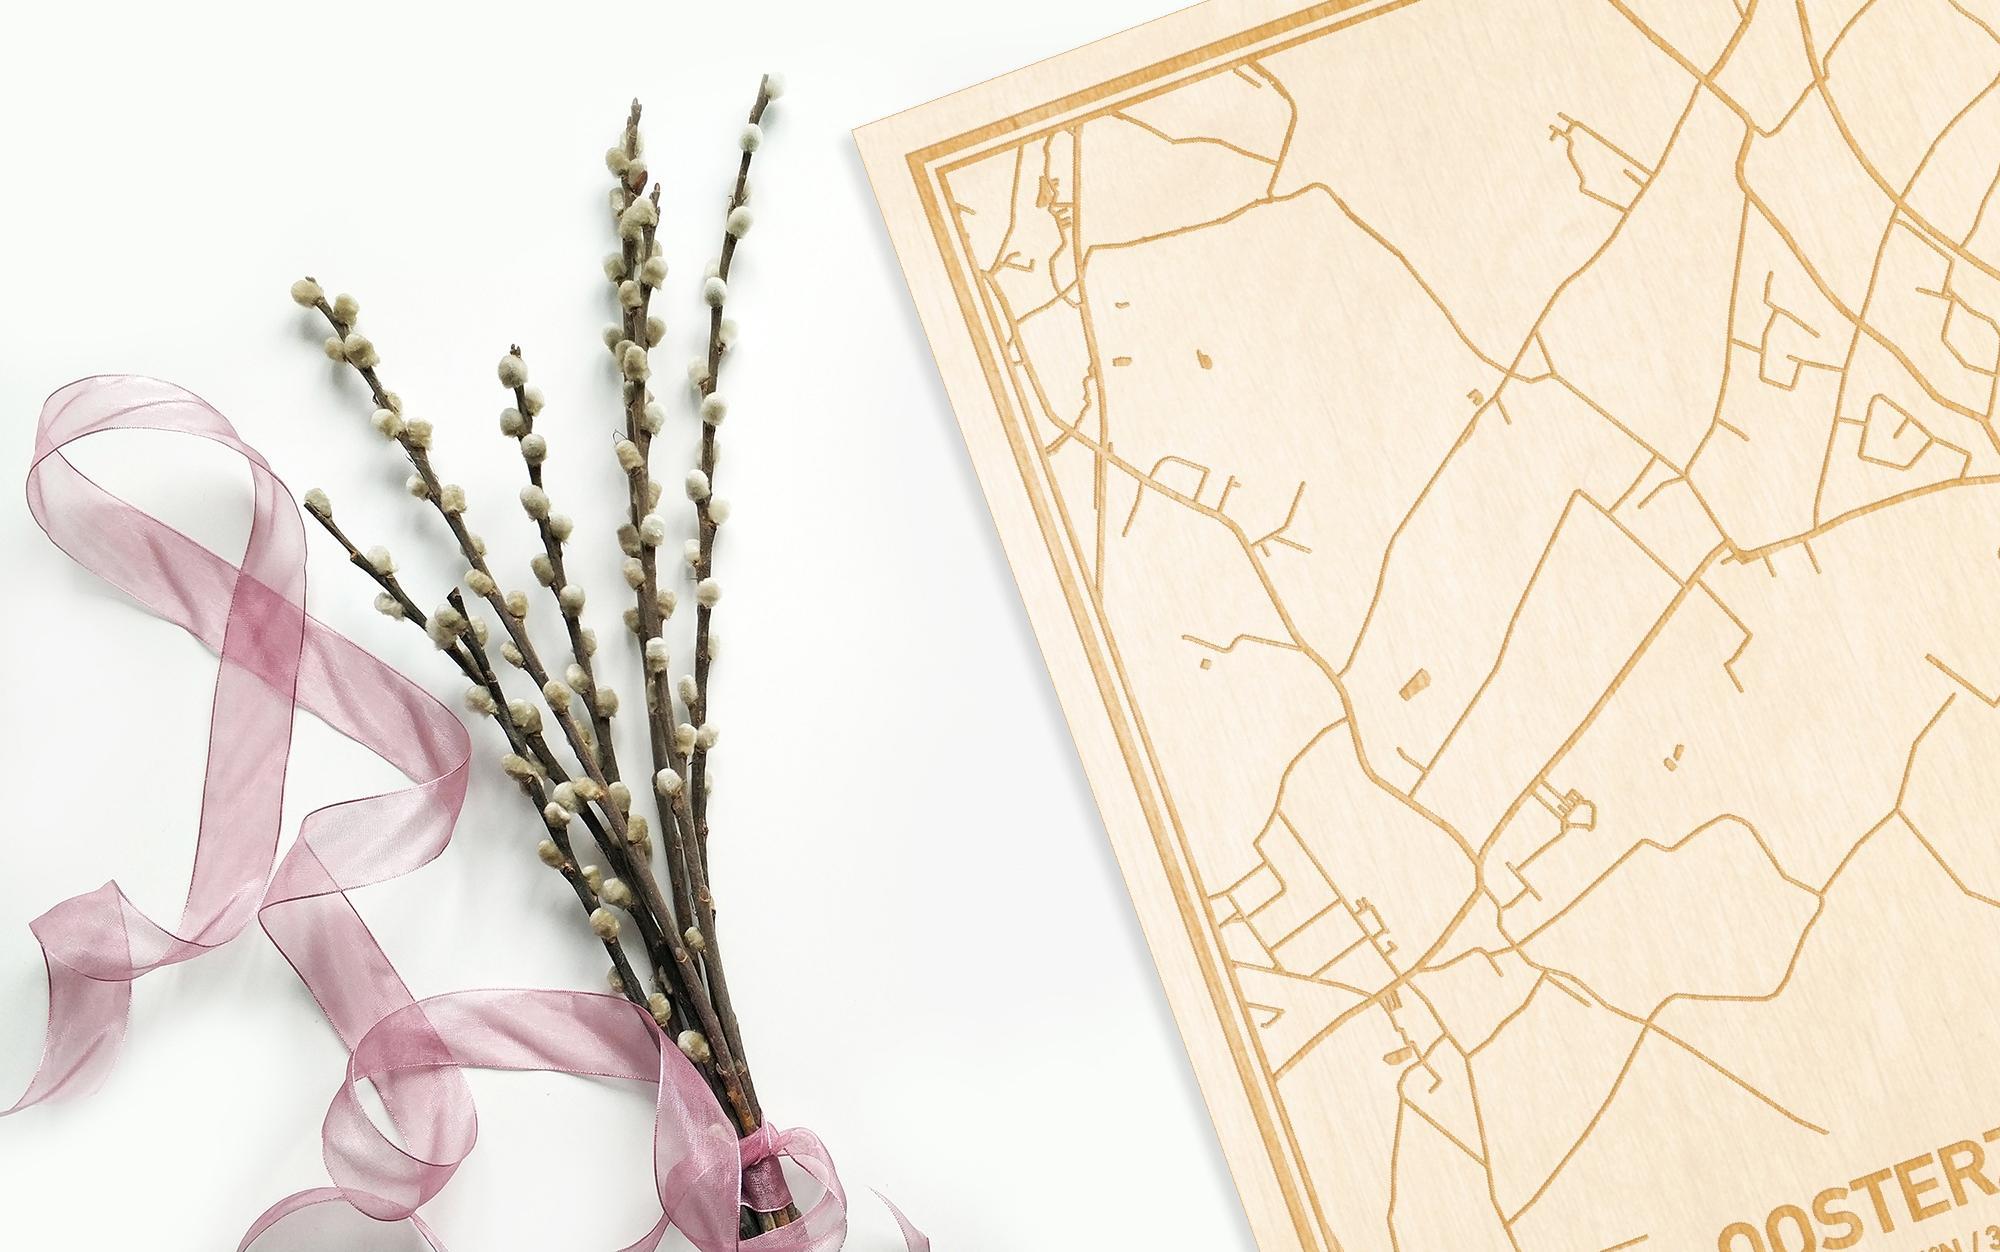 Hier ligt de houten plattegrond Oosterzele naast een bloemetje als gepersonaliseerd cadeau voor haar.